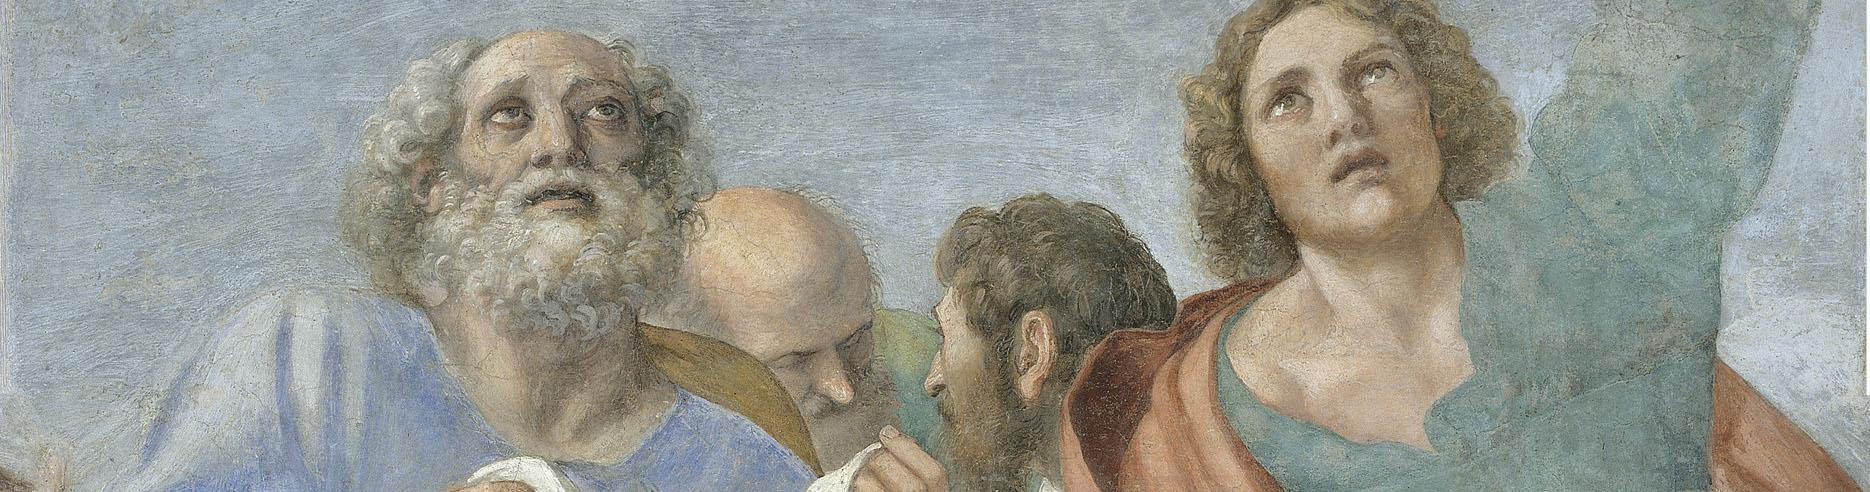 Annibale Carracci, Apòstols al voltant del Sepulcre buit, finals de 1604 – inicis de 1605